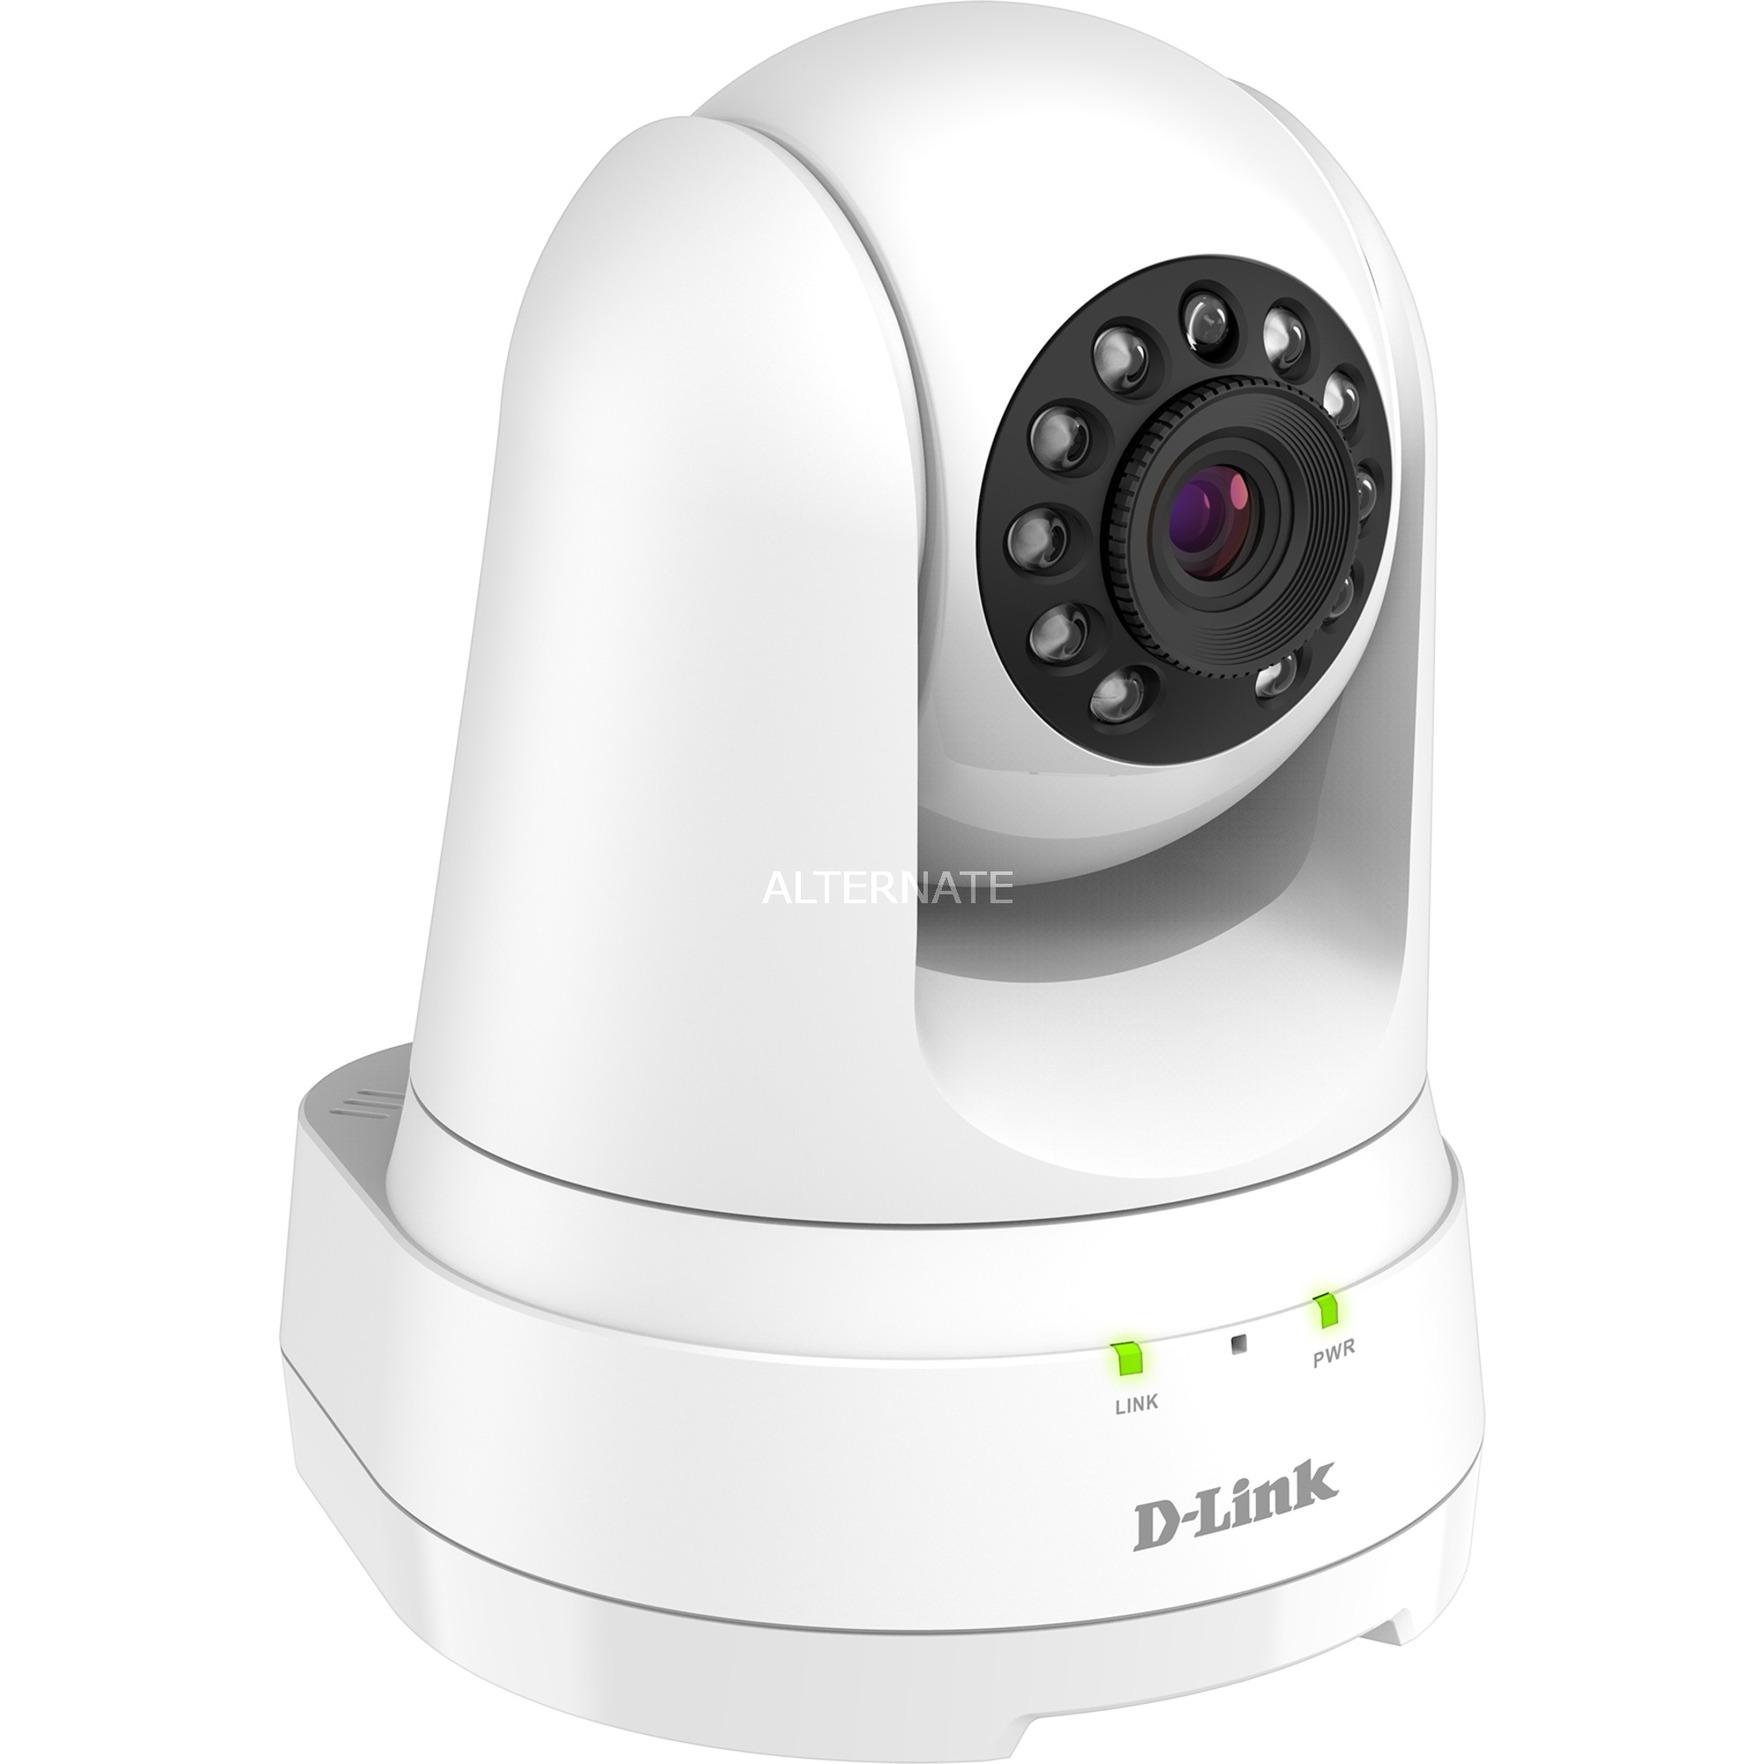 DCS-8525LH cámara de vigilancia Cámara de seguridad IP Interior Esférico Blanco 1920 x 1080 Pixeles, Cámara de red